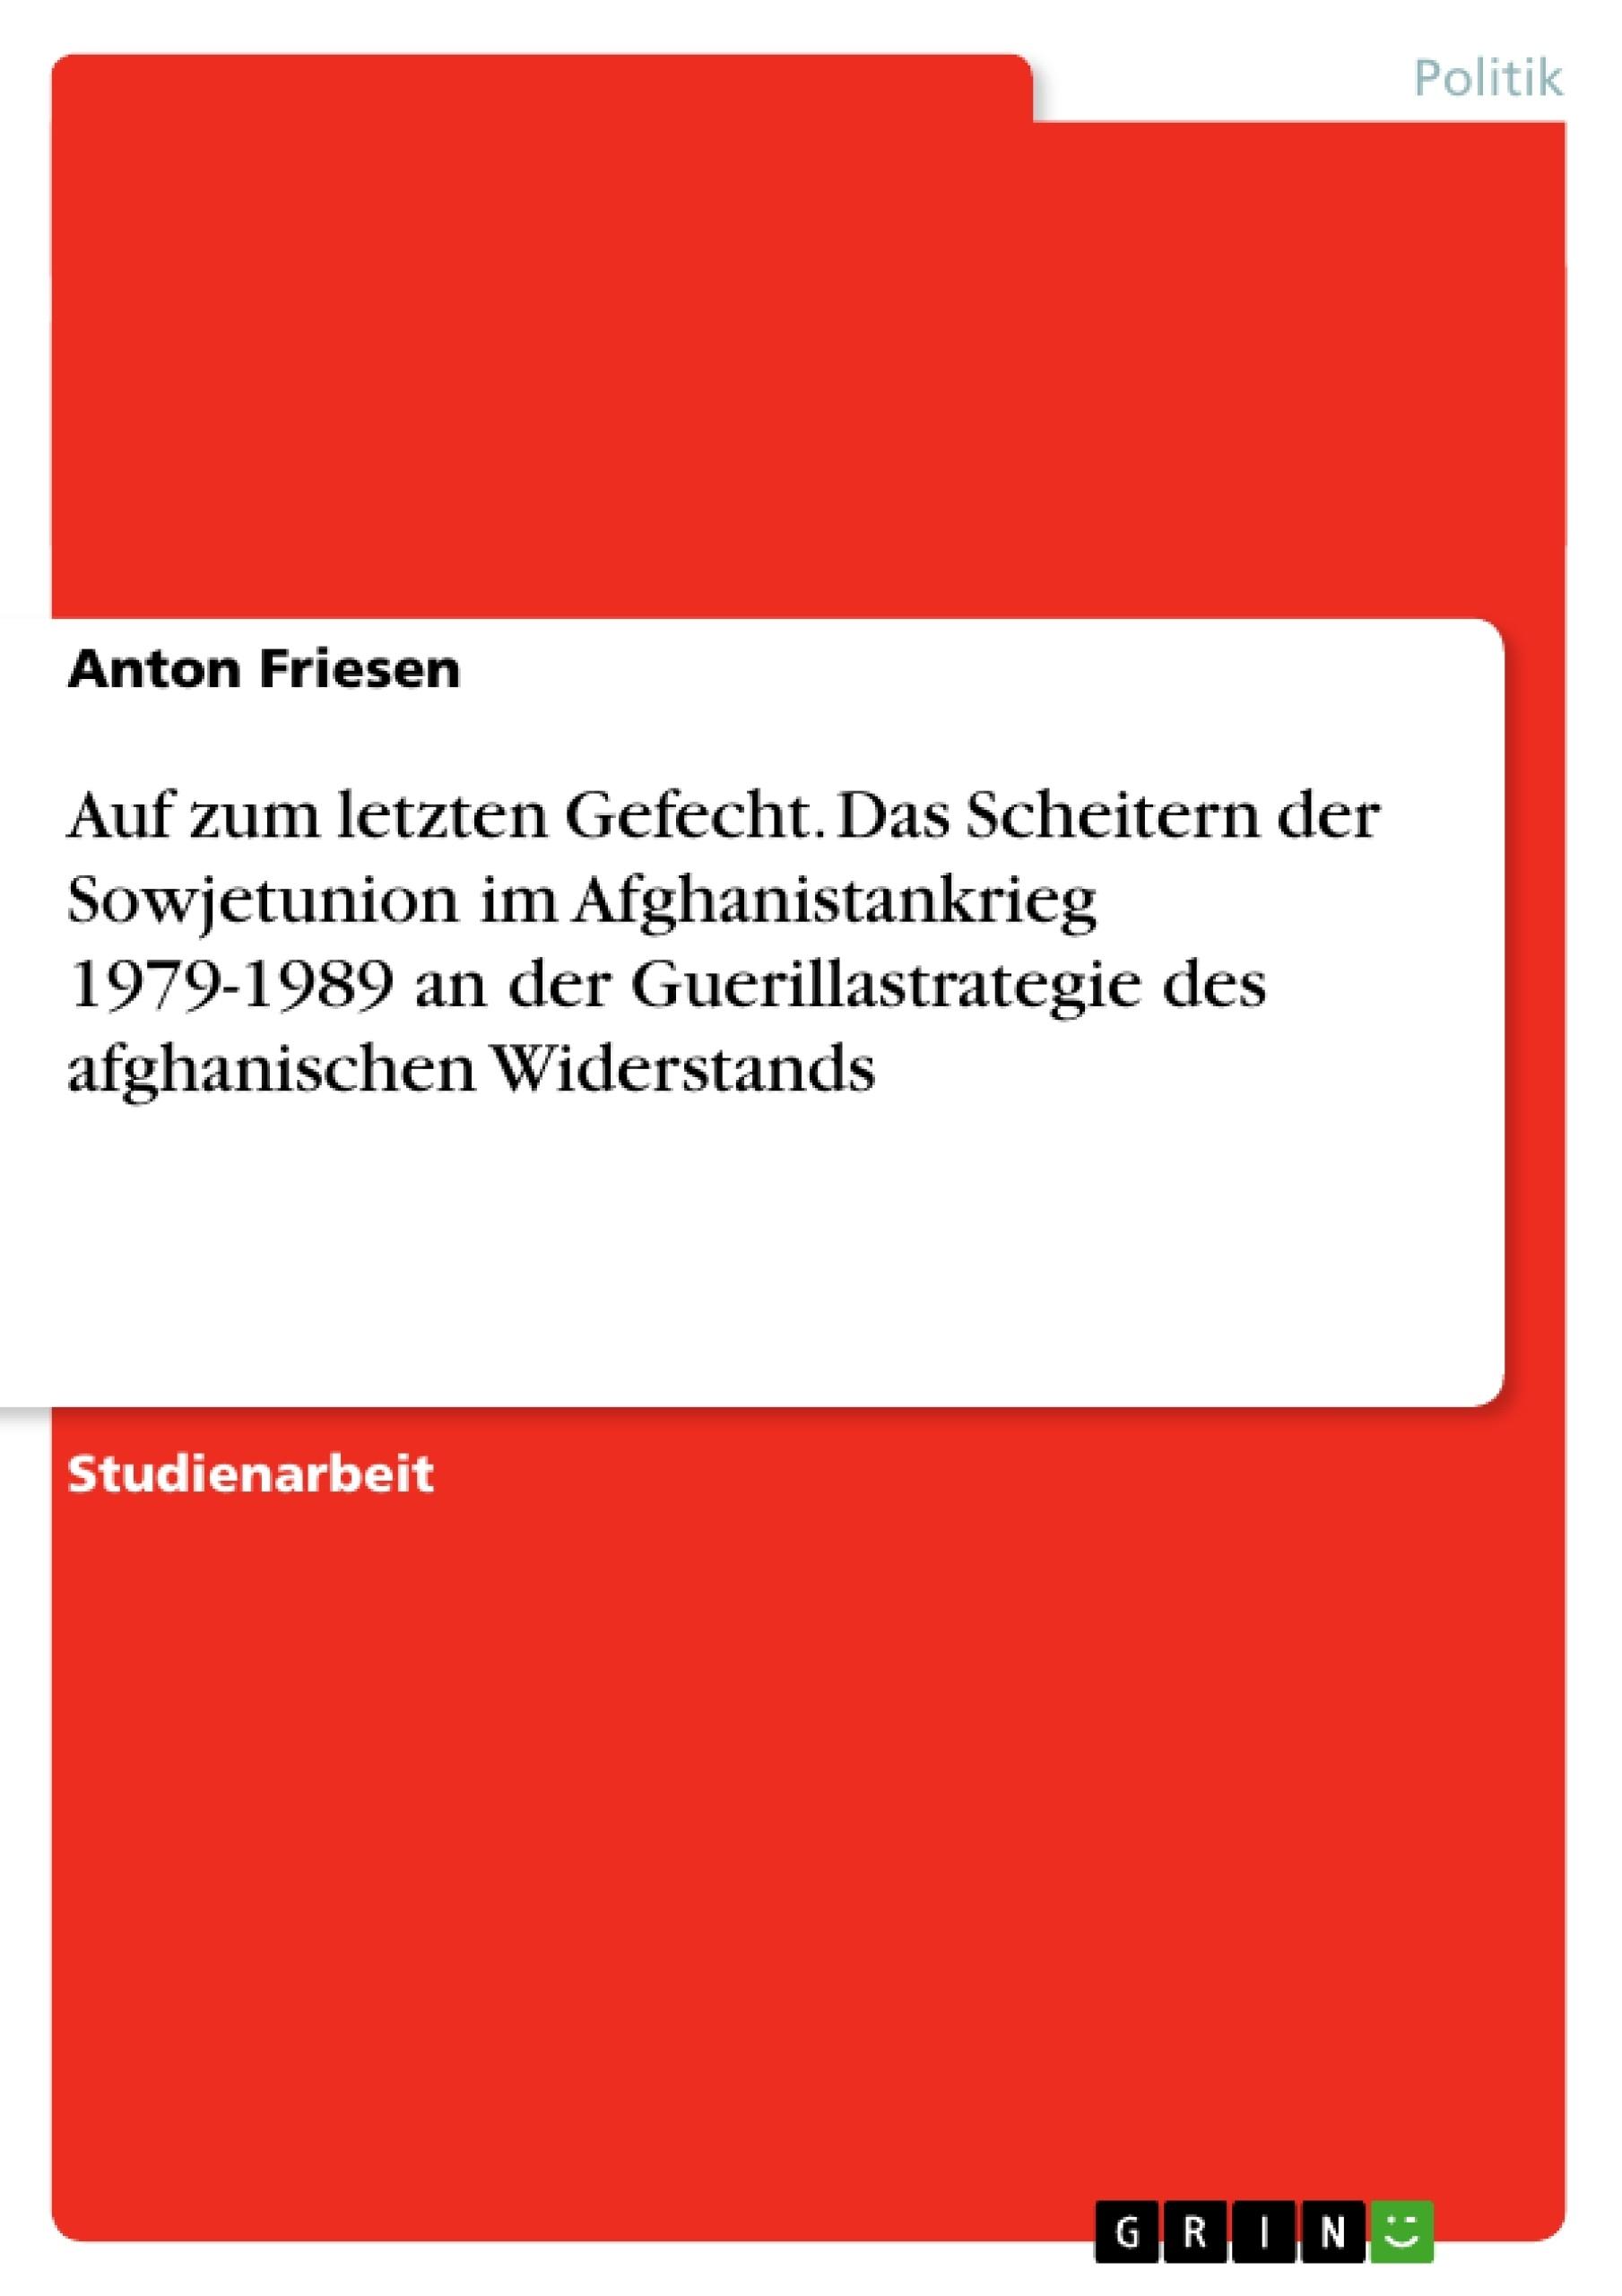 Titel: Auf zum letzten Gefecht. Das Scheitern der Sowjetunion im Afghanistankrieg 1979-1989 an der Guerillastrategie des afghanischen Widerstands